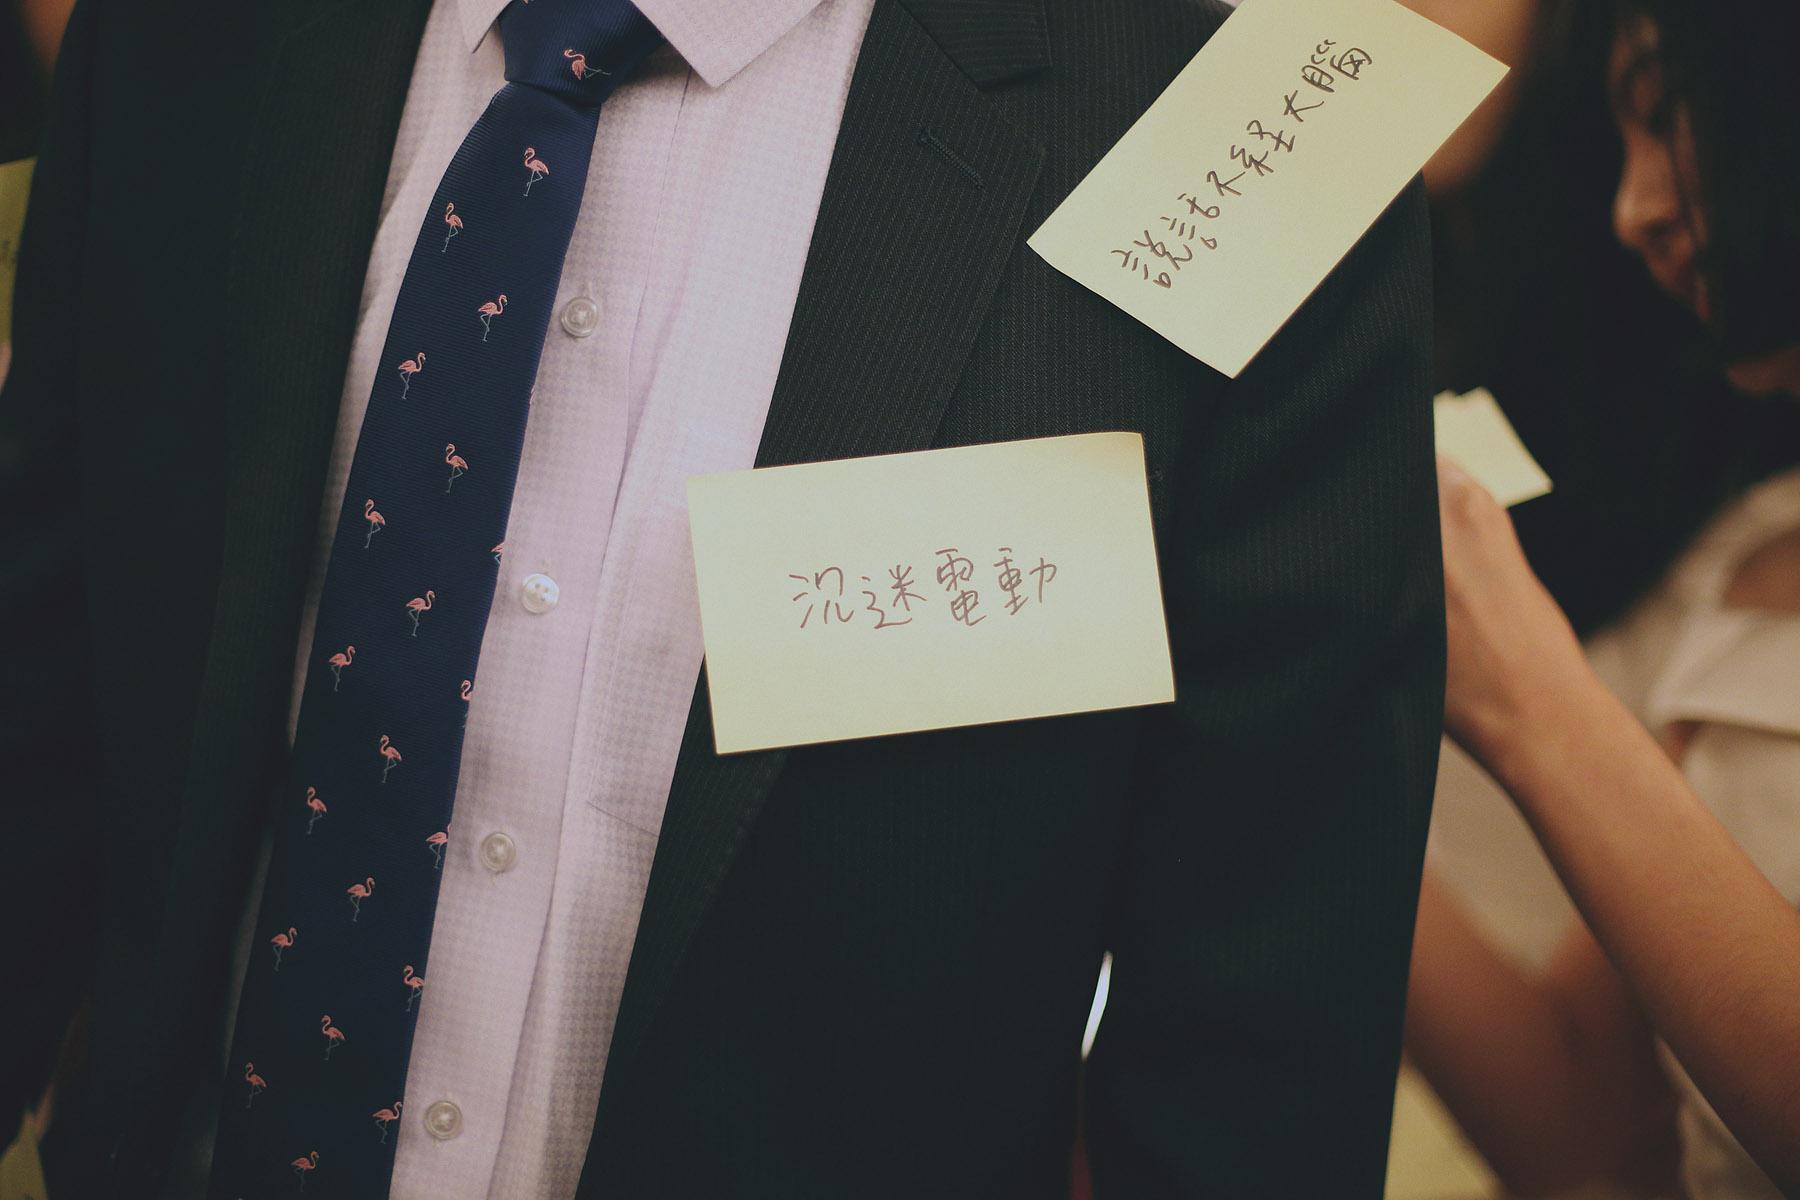 婚禮攝影,婚攝,婚禮紀錄,婚攝推薦,台北,自然風格,底片,故宮晶華酒店,闖關遊戲